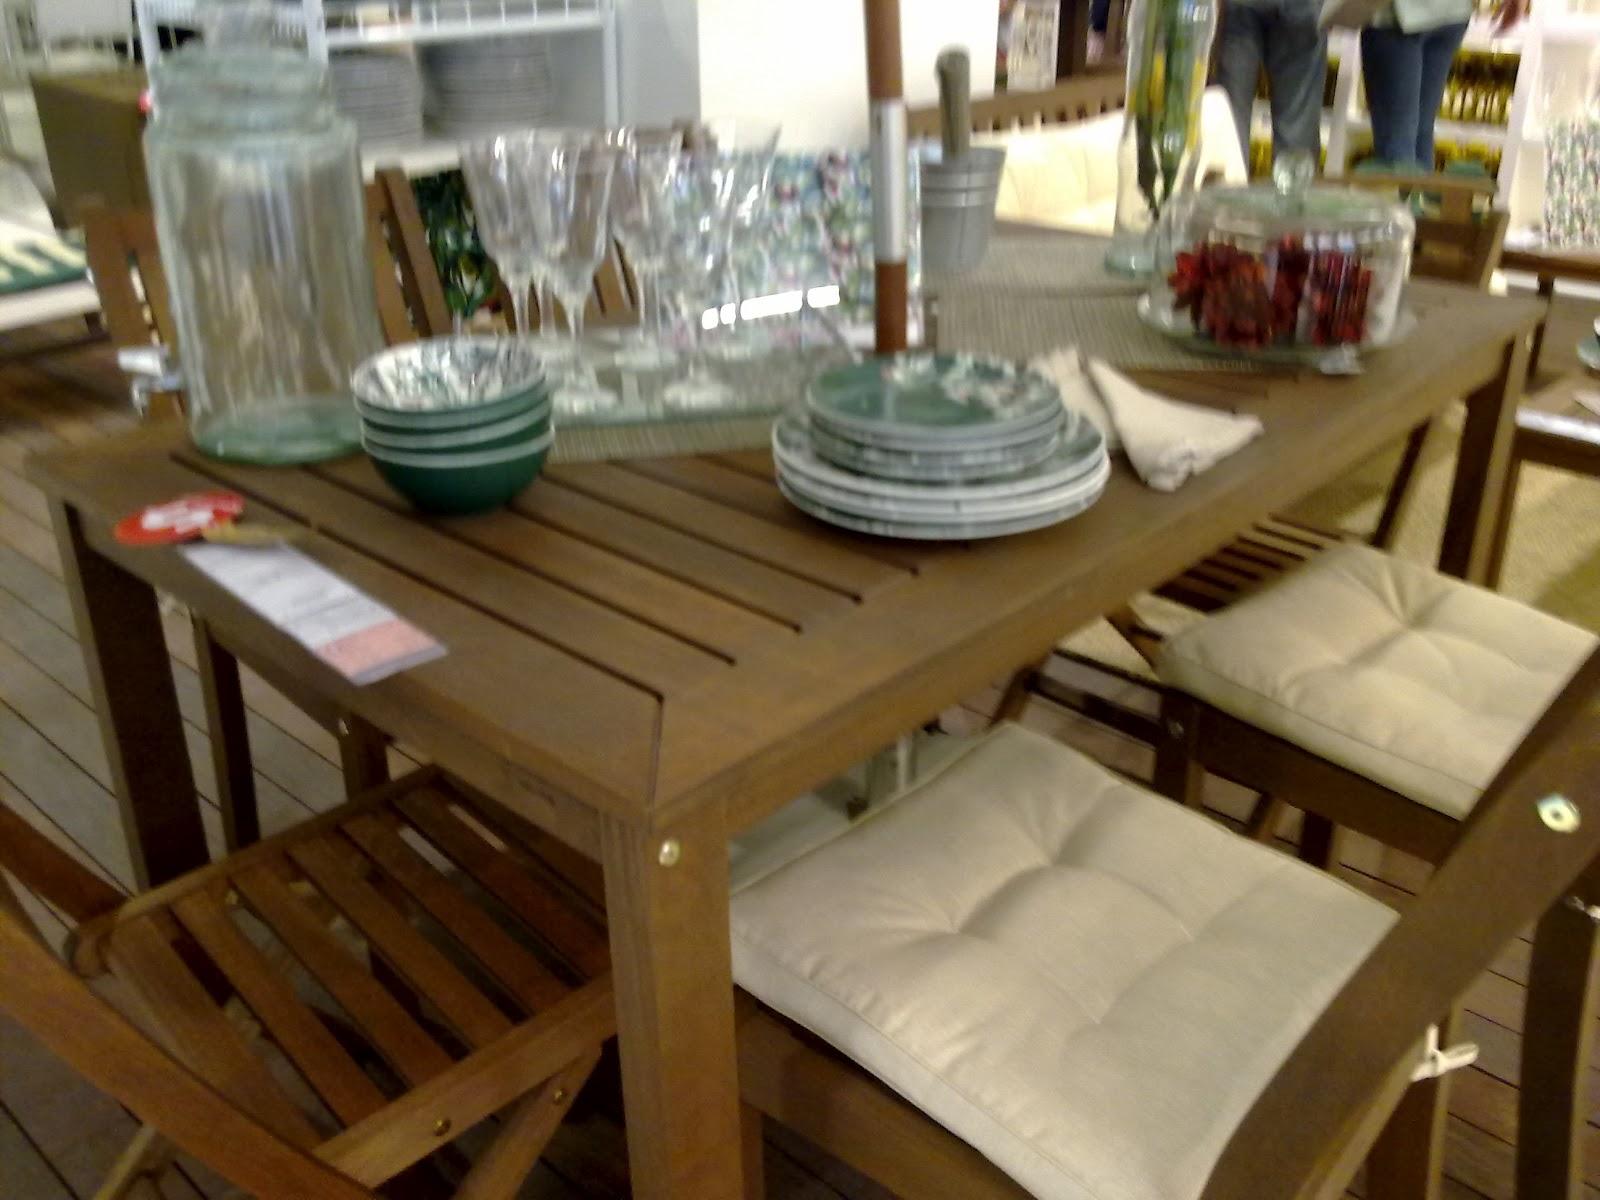 For Blog de decoração: Decoração com Madeira Cozinha rústica #36230E 1600 1200